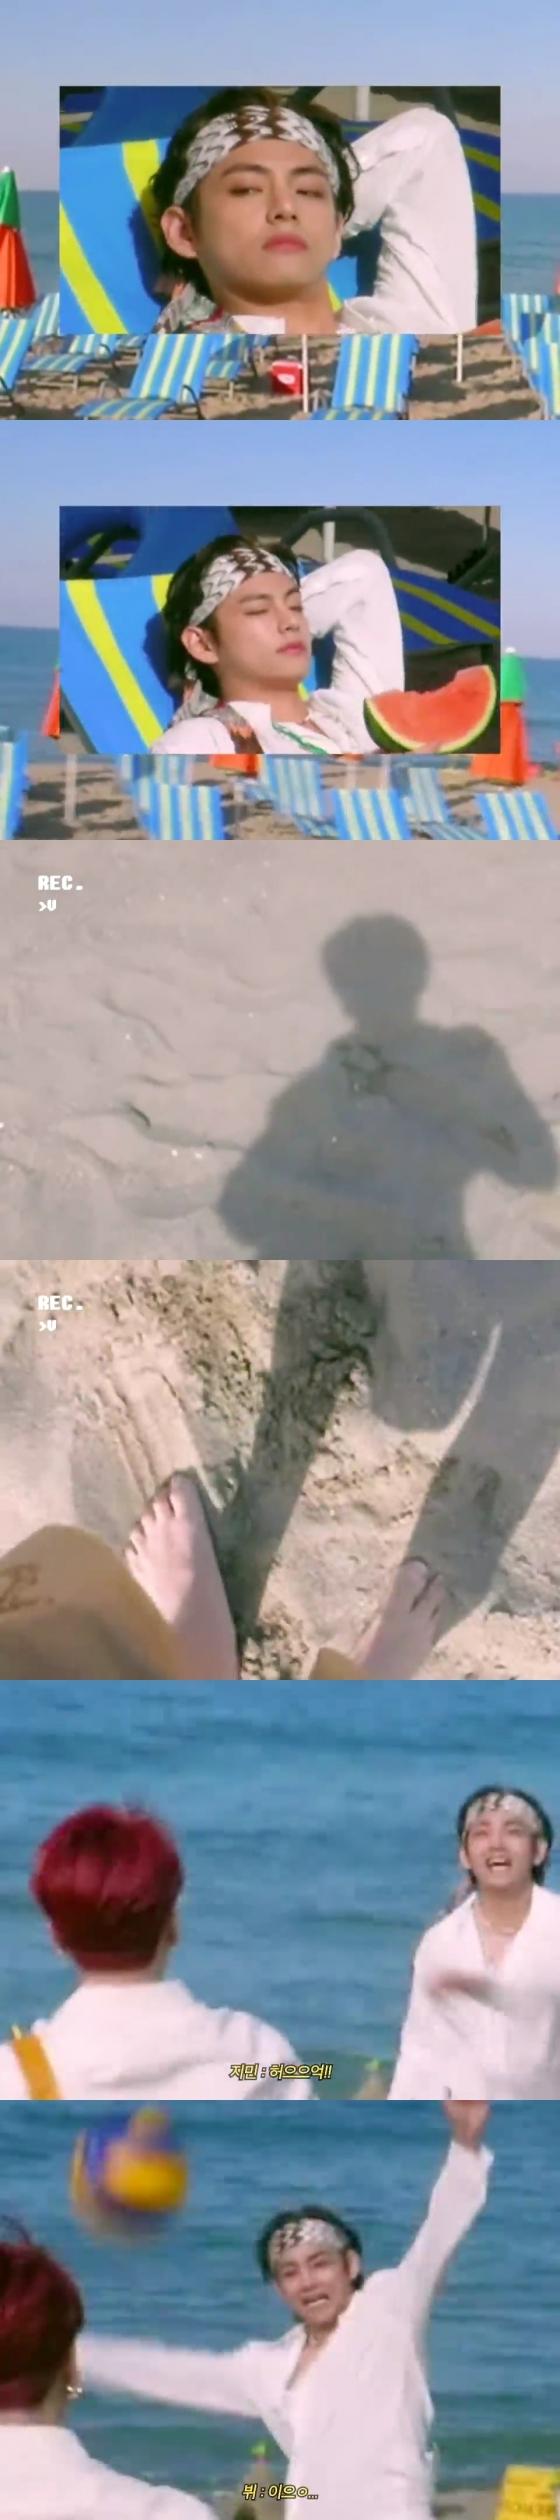 태형이는 또 너무 예뻤다♥ 방탄소년단 뷔, 빈티지 캠 속 4K 미모